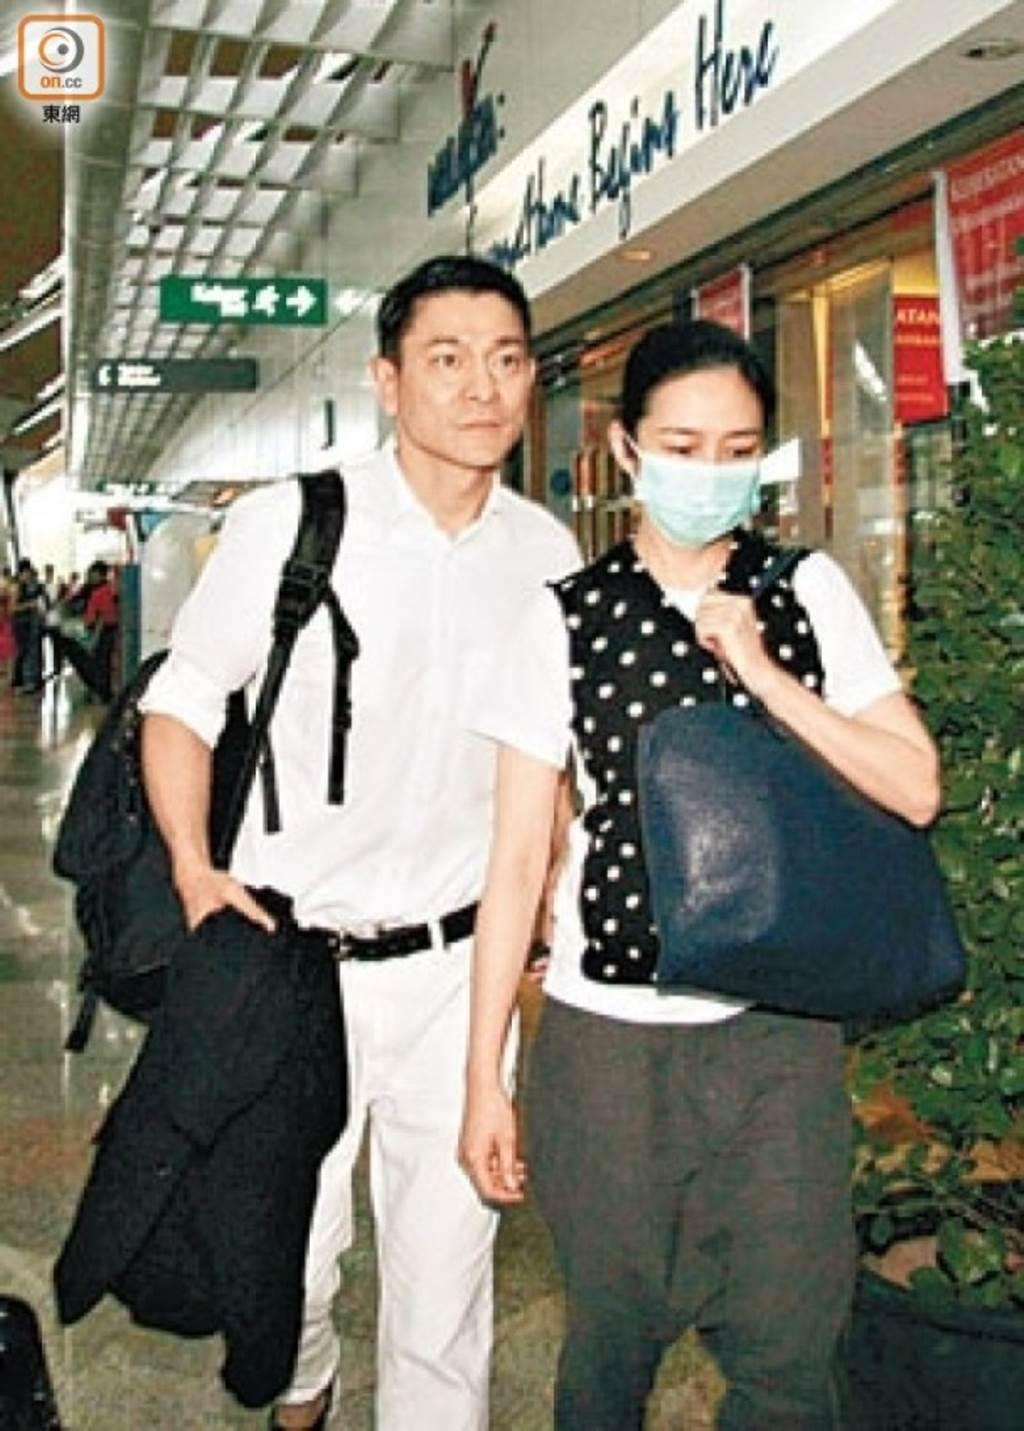 劉德華和太太朱麗倩情牽30年。(圖/取自《on.cc東網》)